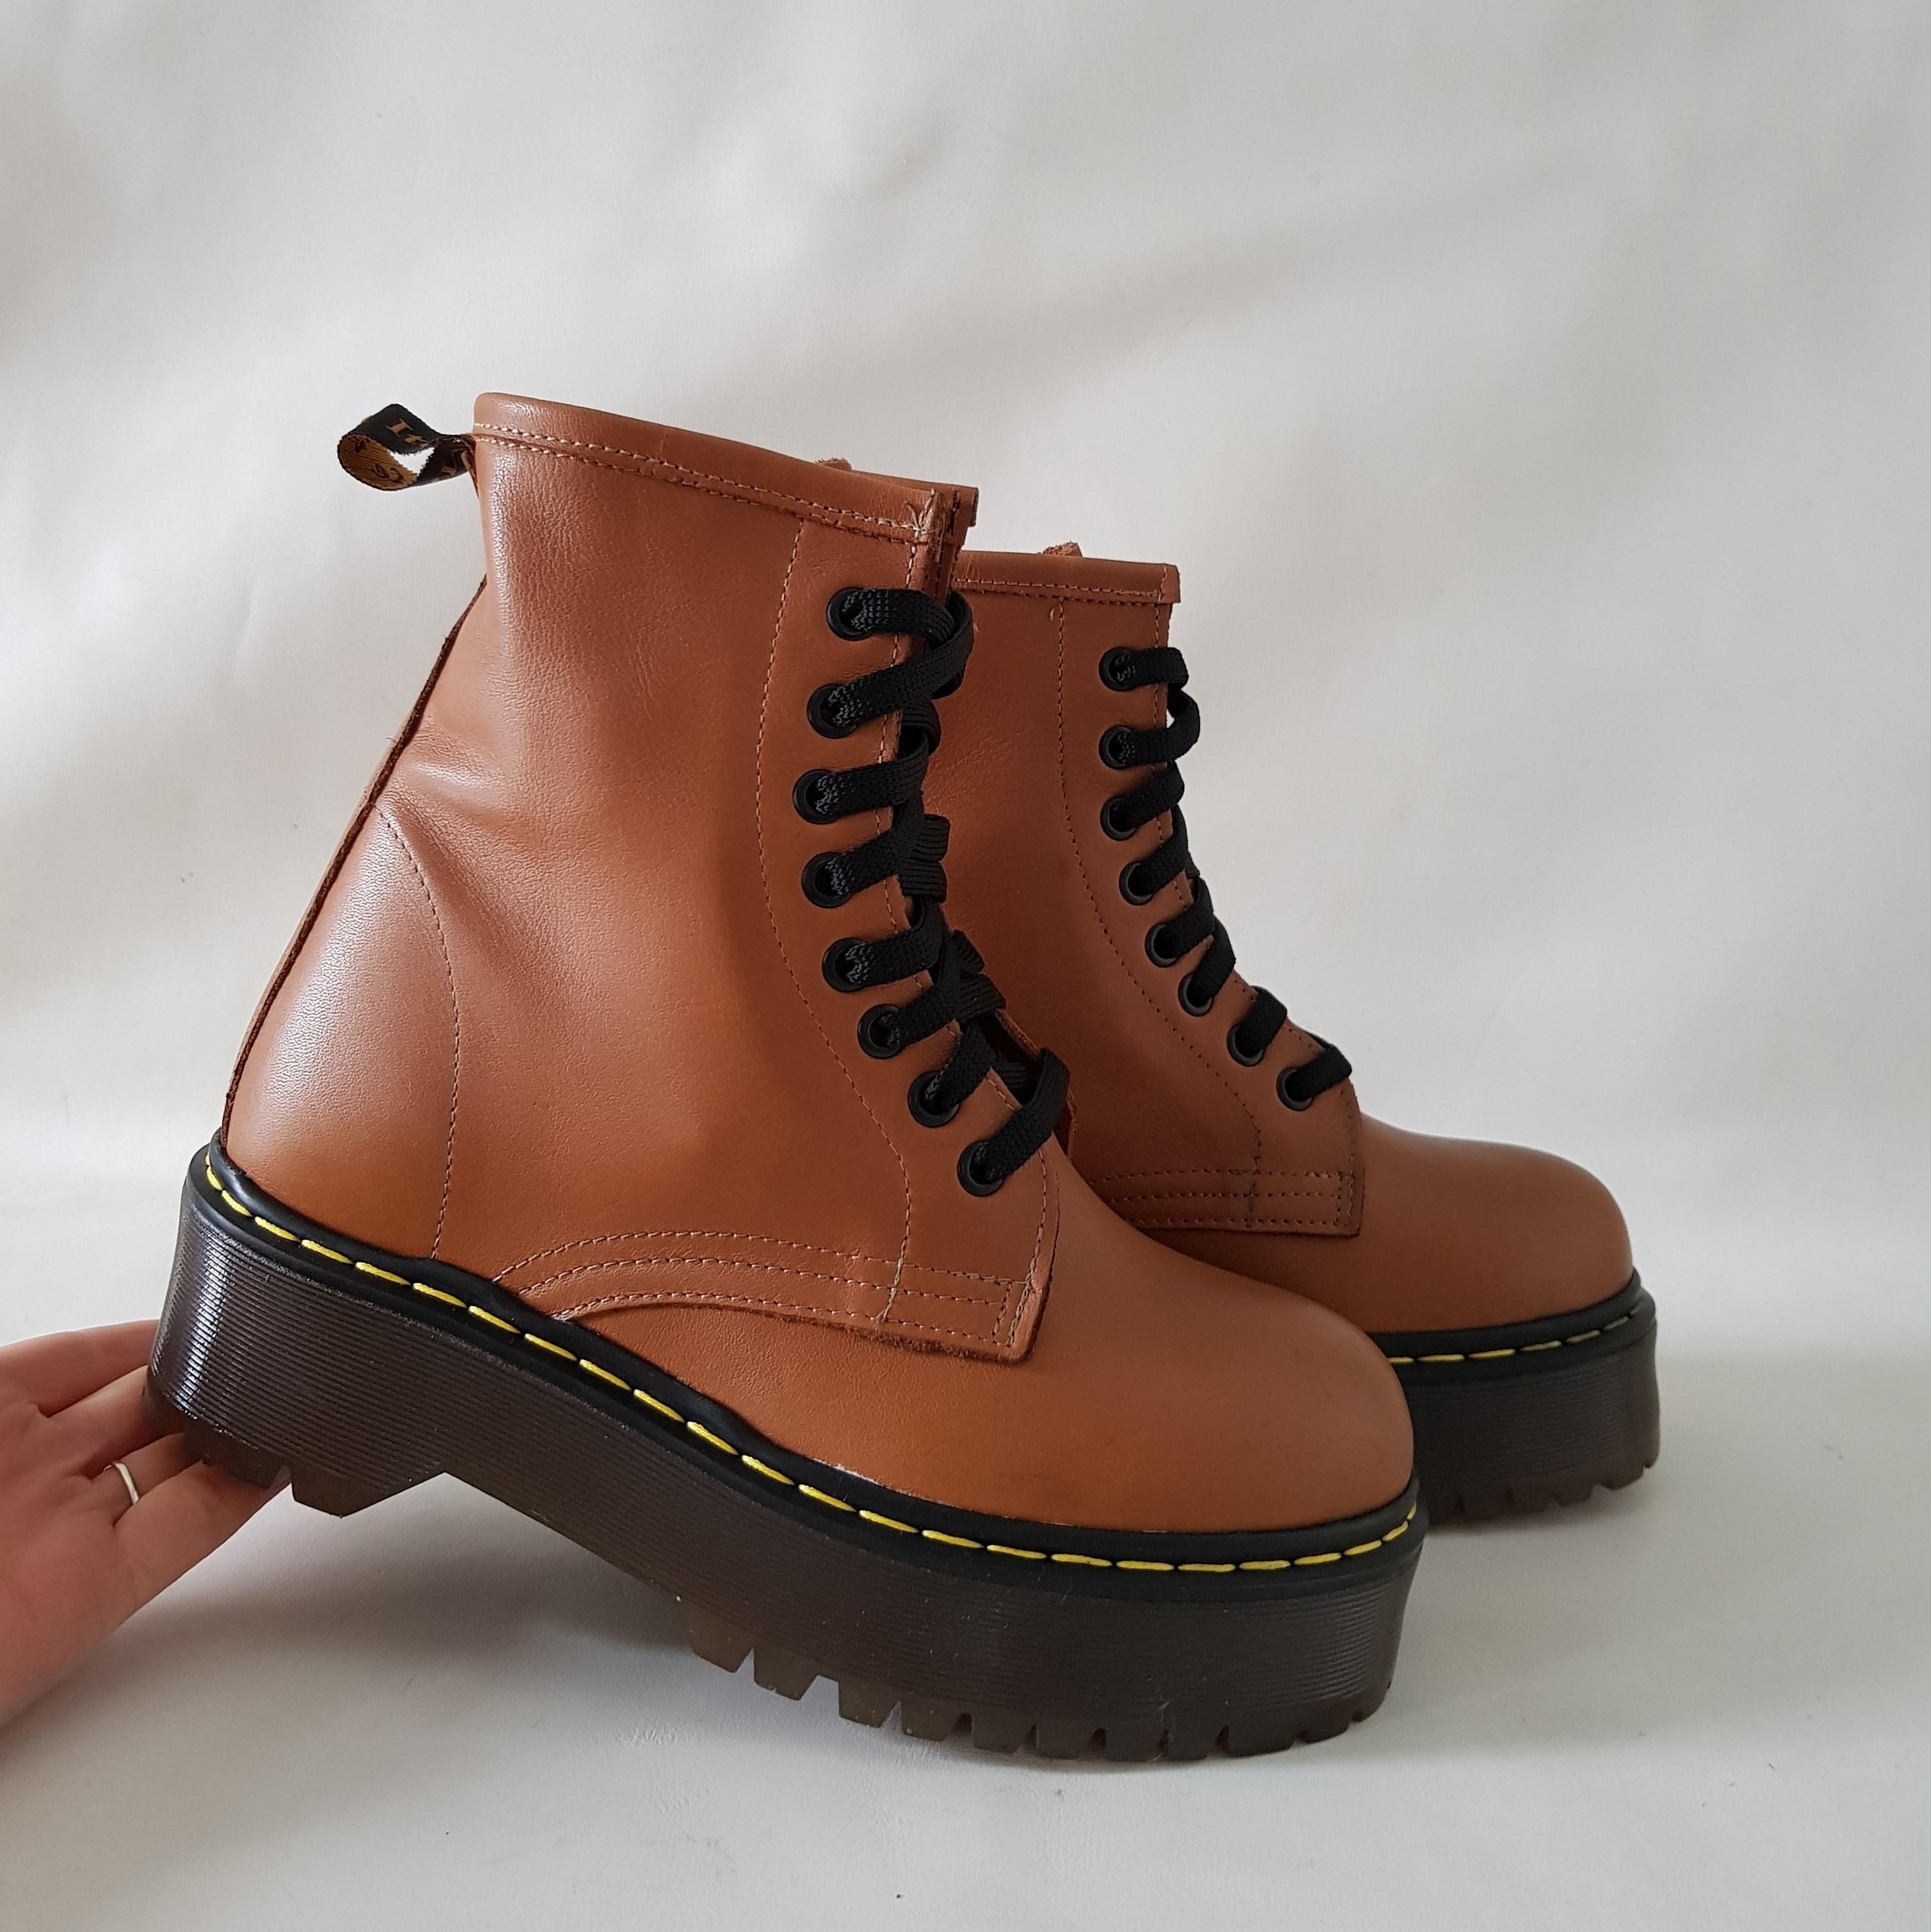 Stivaletti lacci pelle cuoio oxford - Lia diva scarpe ...